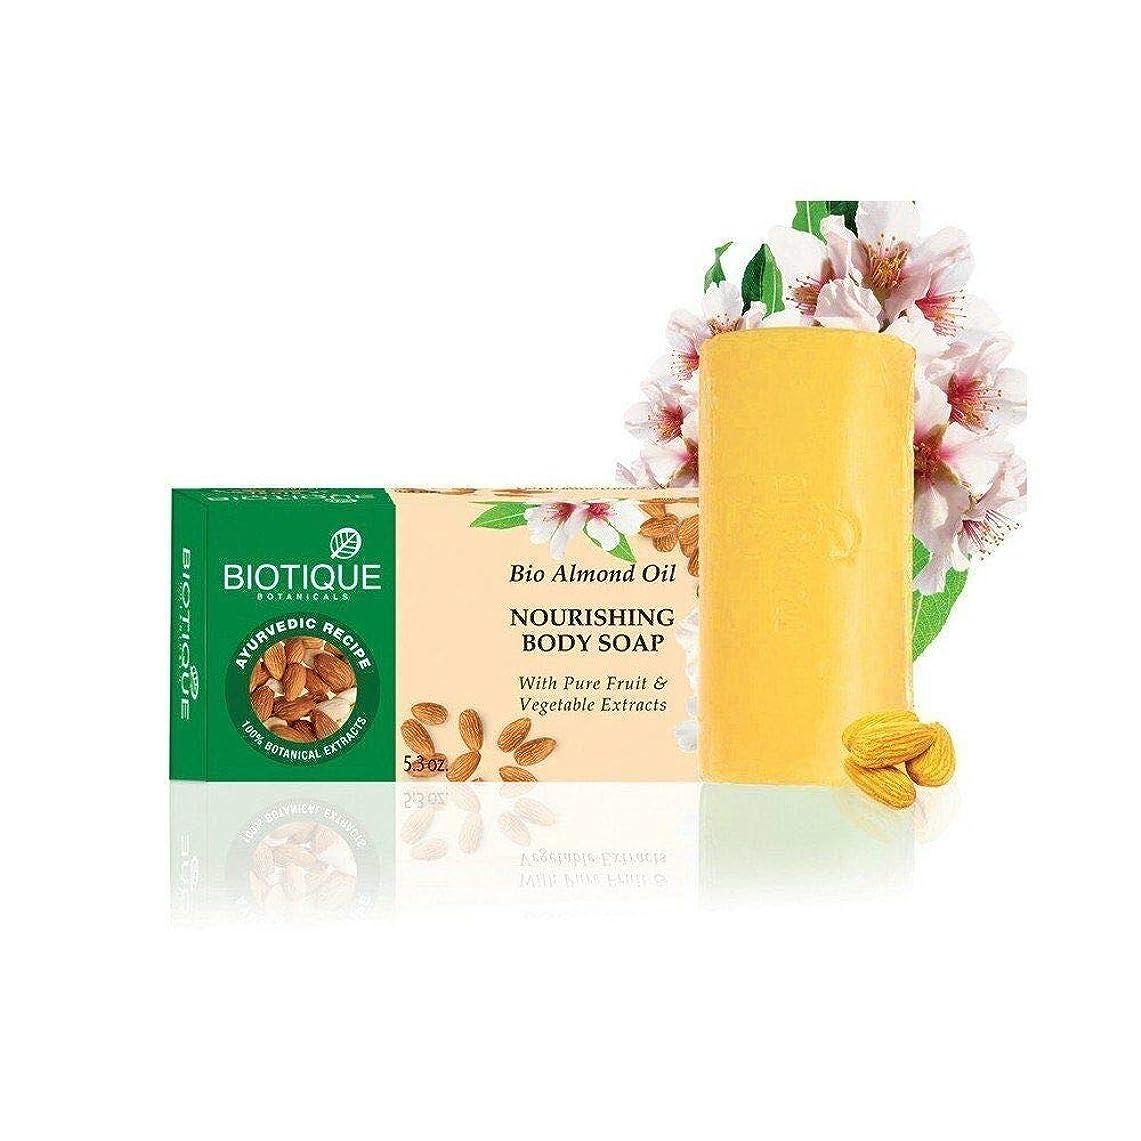 機会しつけサイレンBiotique Bio Almond Oil Nourishing Body Soap - 150g (Pack of 2) wash Impurities Biotique Bio Almond Oilナリッシングボディソープ - 洗浄不純物